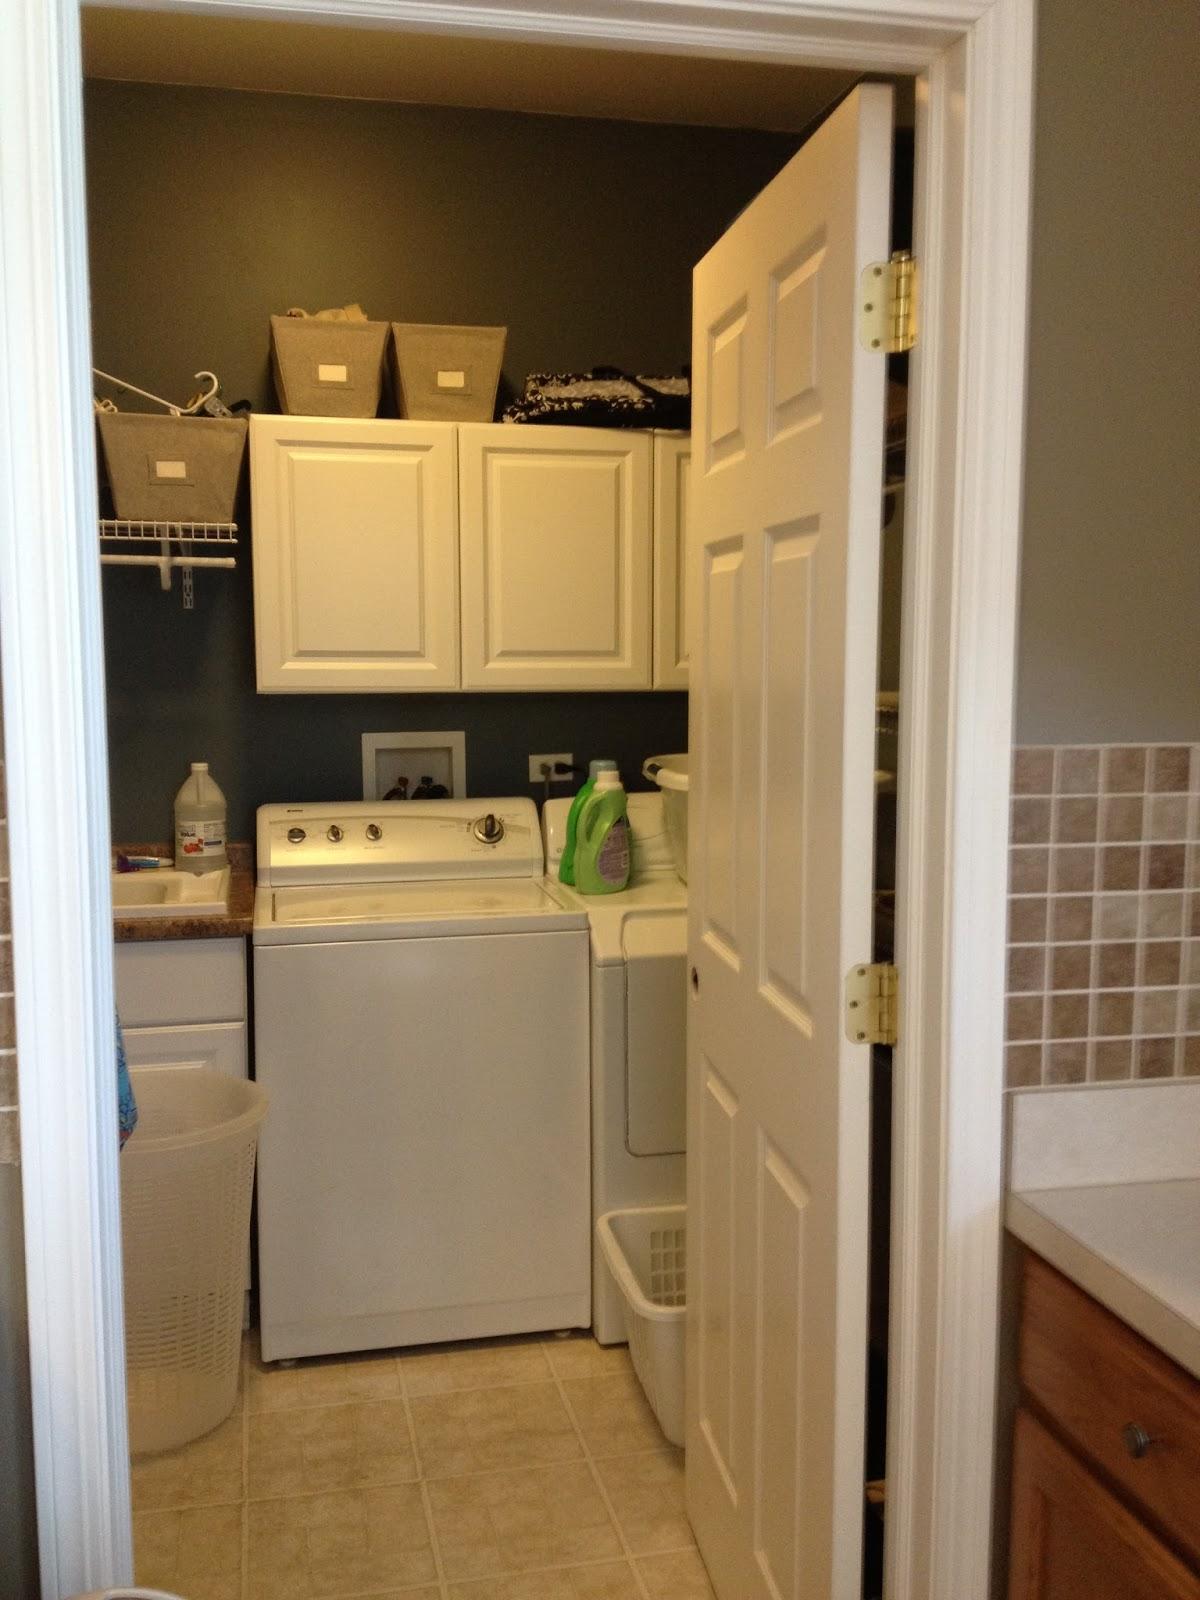 Laundry room makeover update install sliding door for Laundry room sliding doors